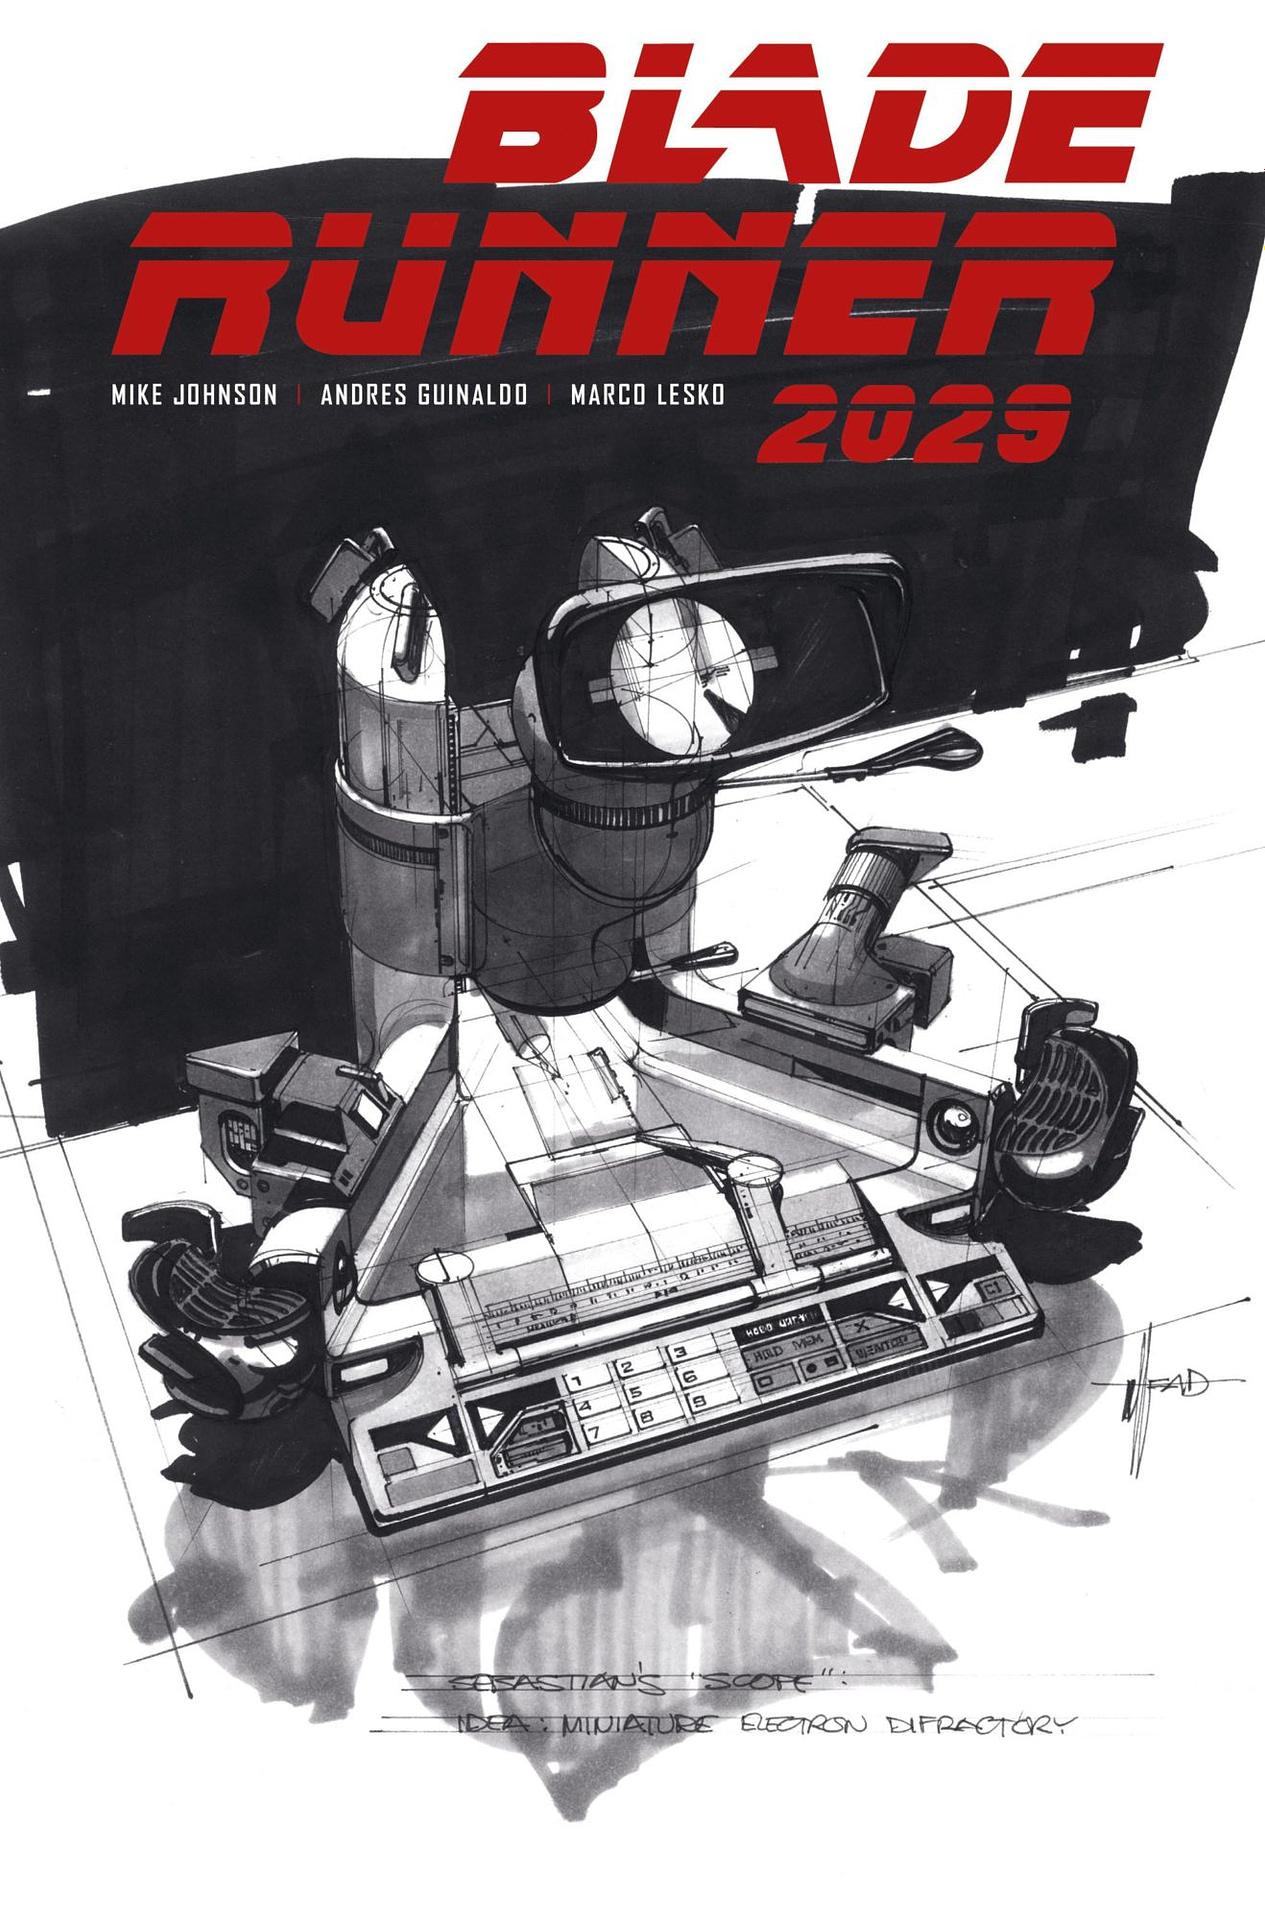 BLADE RUNNER 2029 #7 CVR B MEAD (MR)